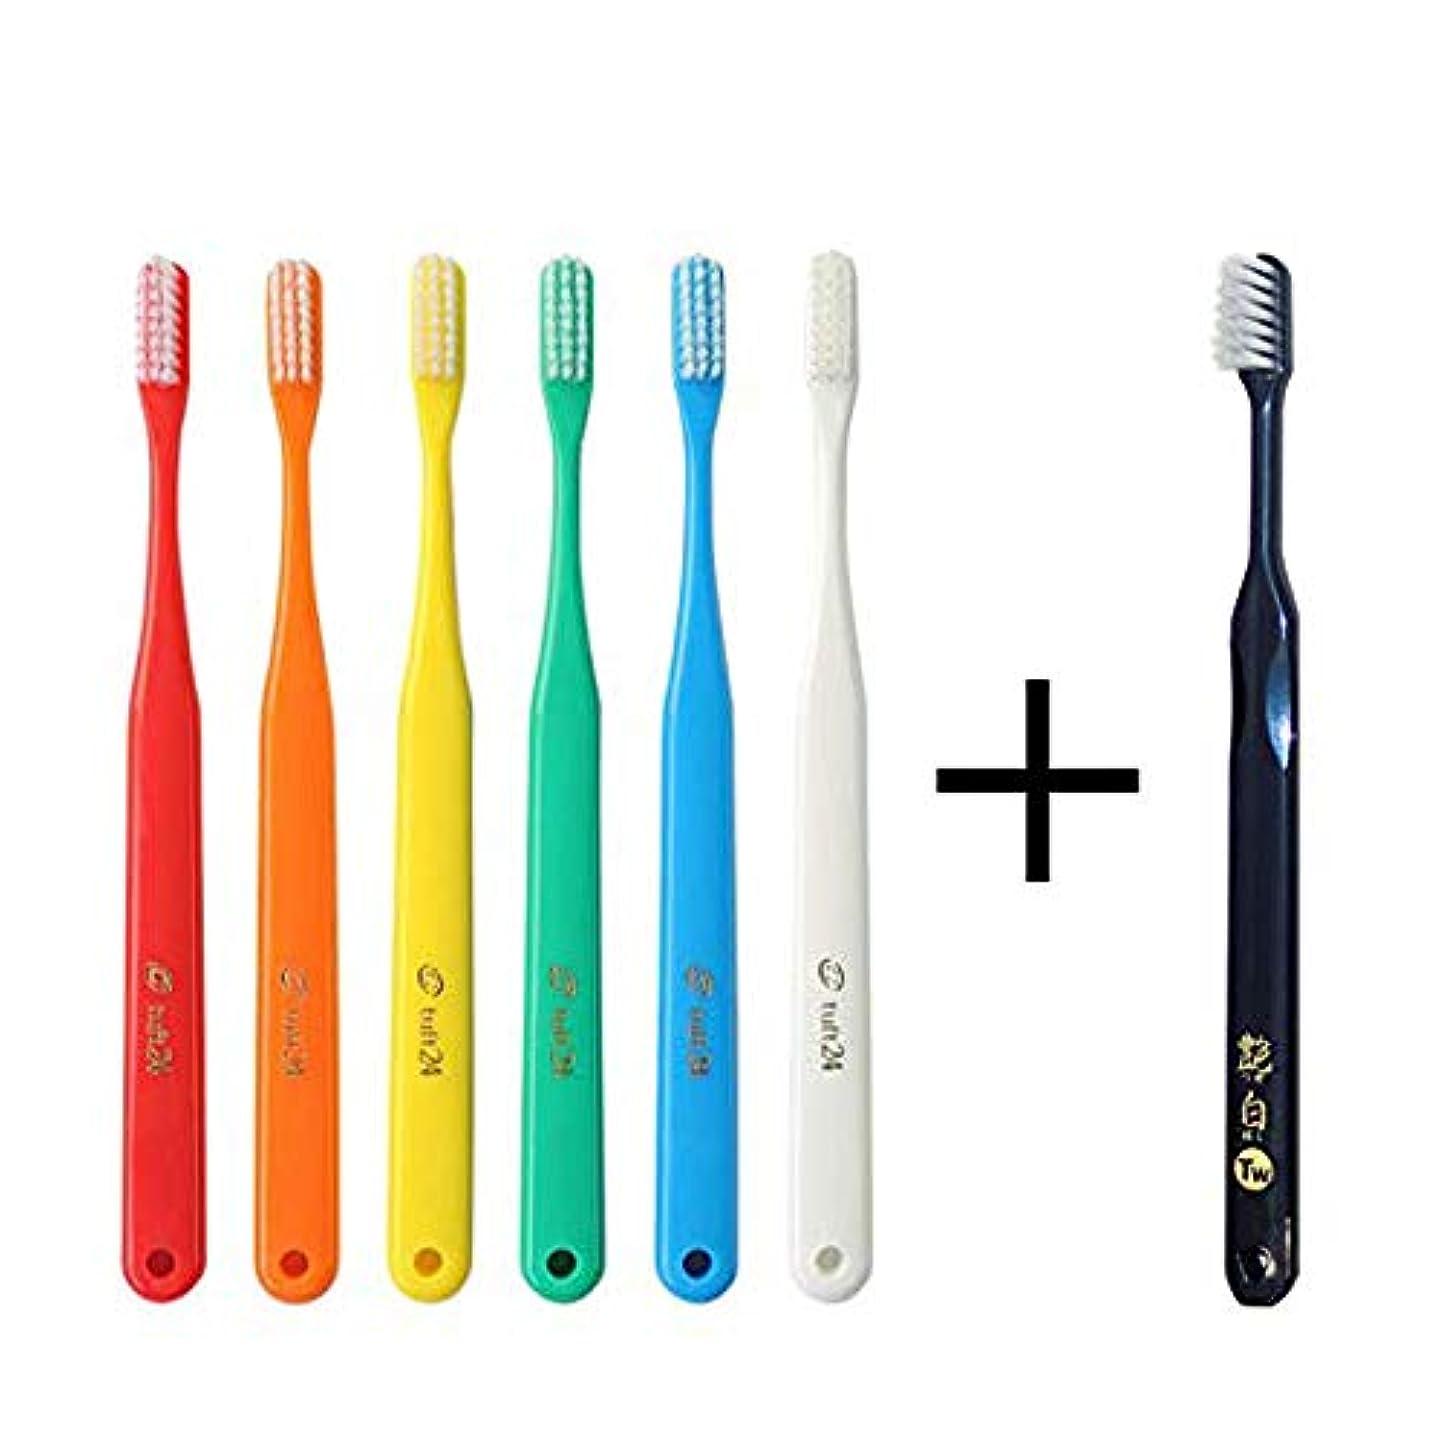 はがき雄弁管理者タフト24 歯ブラシ × 10本 (S) キャップなし + 艶白ツイン ハブラシ×1本(S やわらかめ) むし歯予防 歯科専売